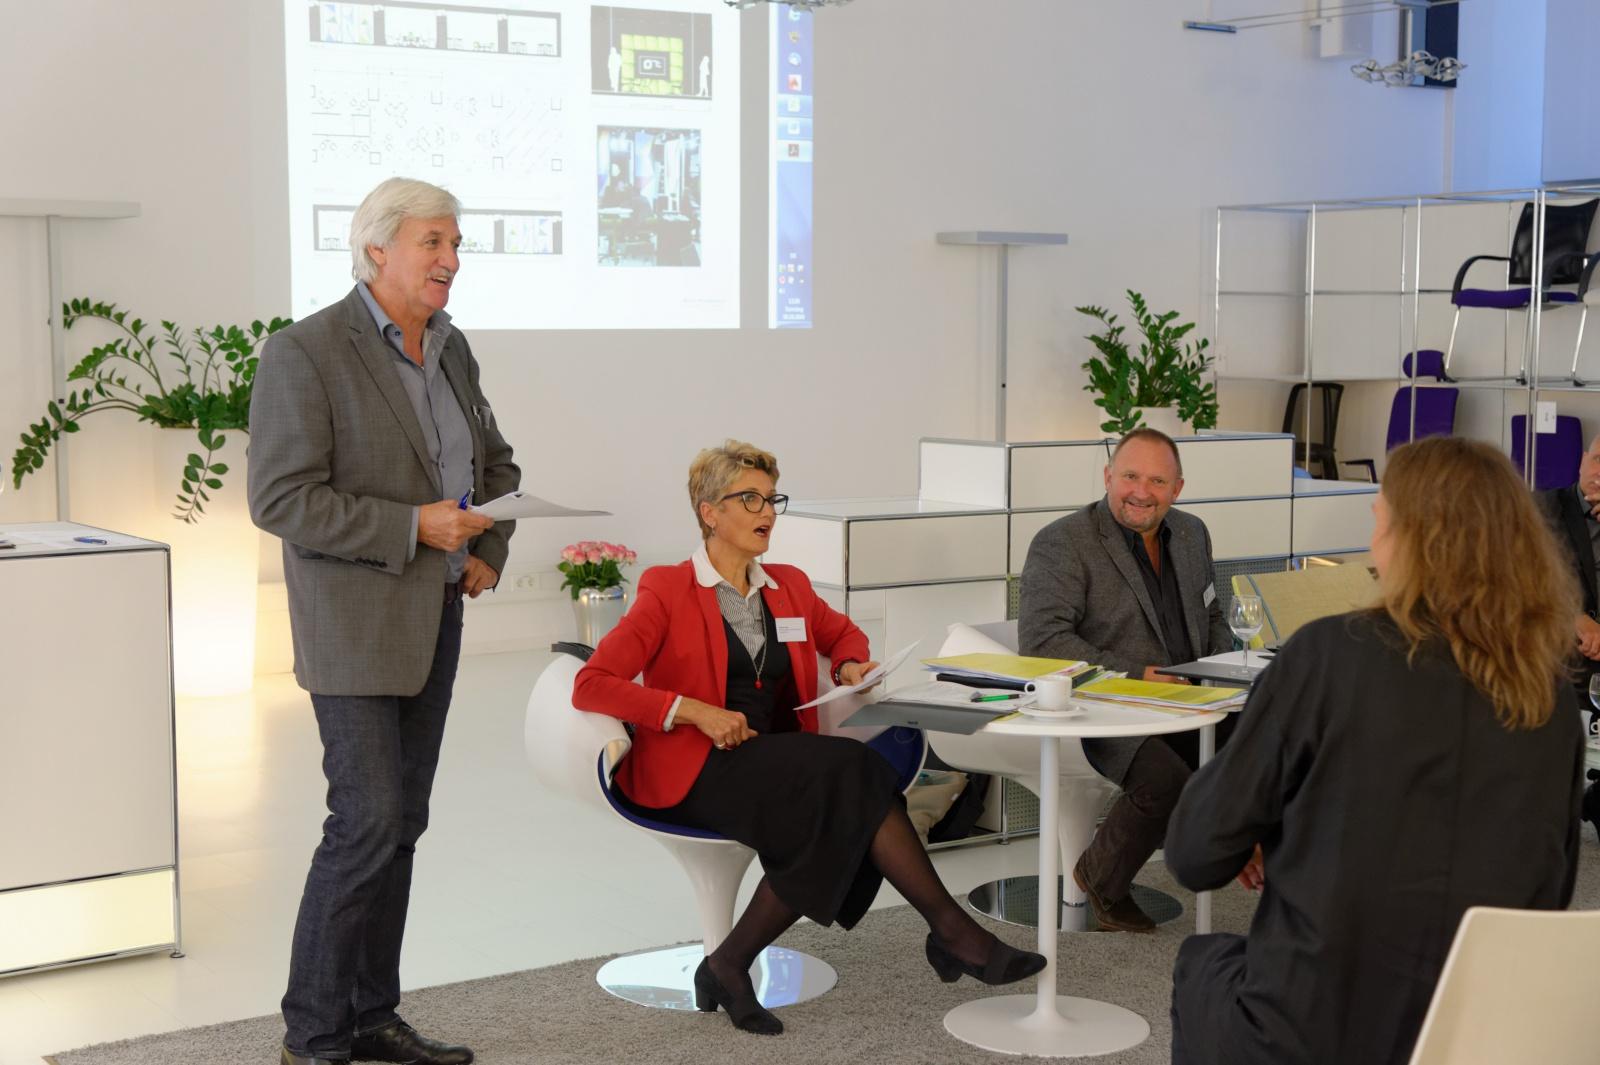 bdia lv bayern herbst mitgliederversammlung am bdia bund deutscher innenarchitekten. Black Bedroom Furniture Sets. Home Design Ideas